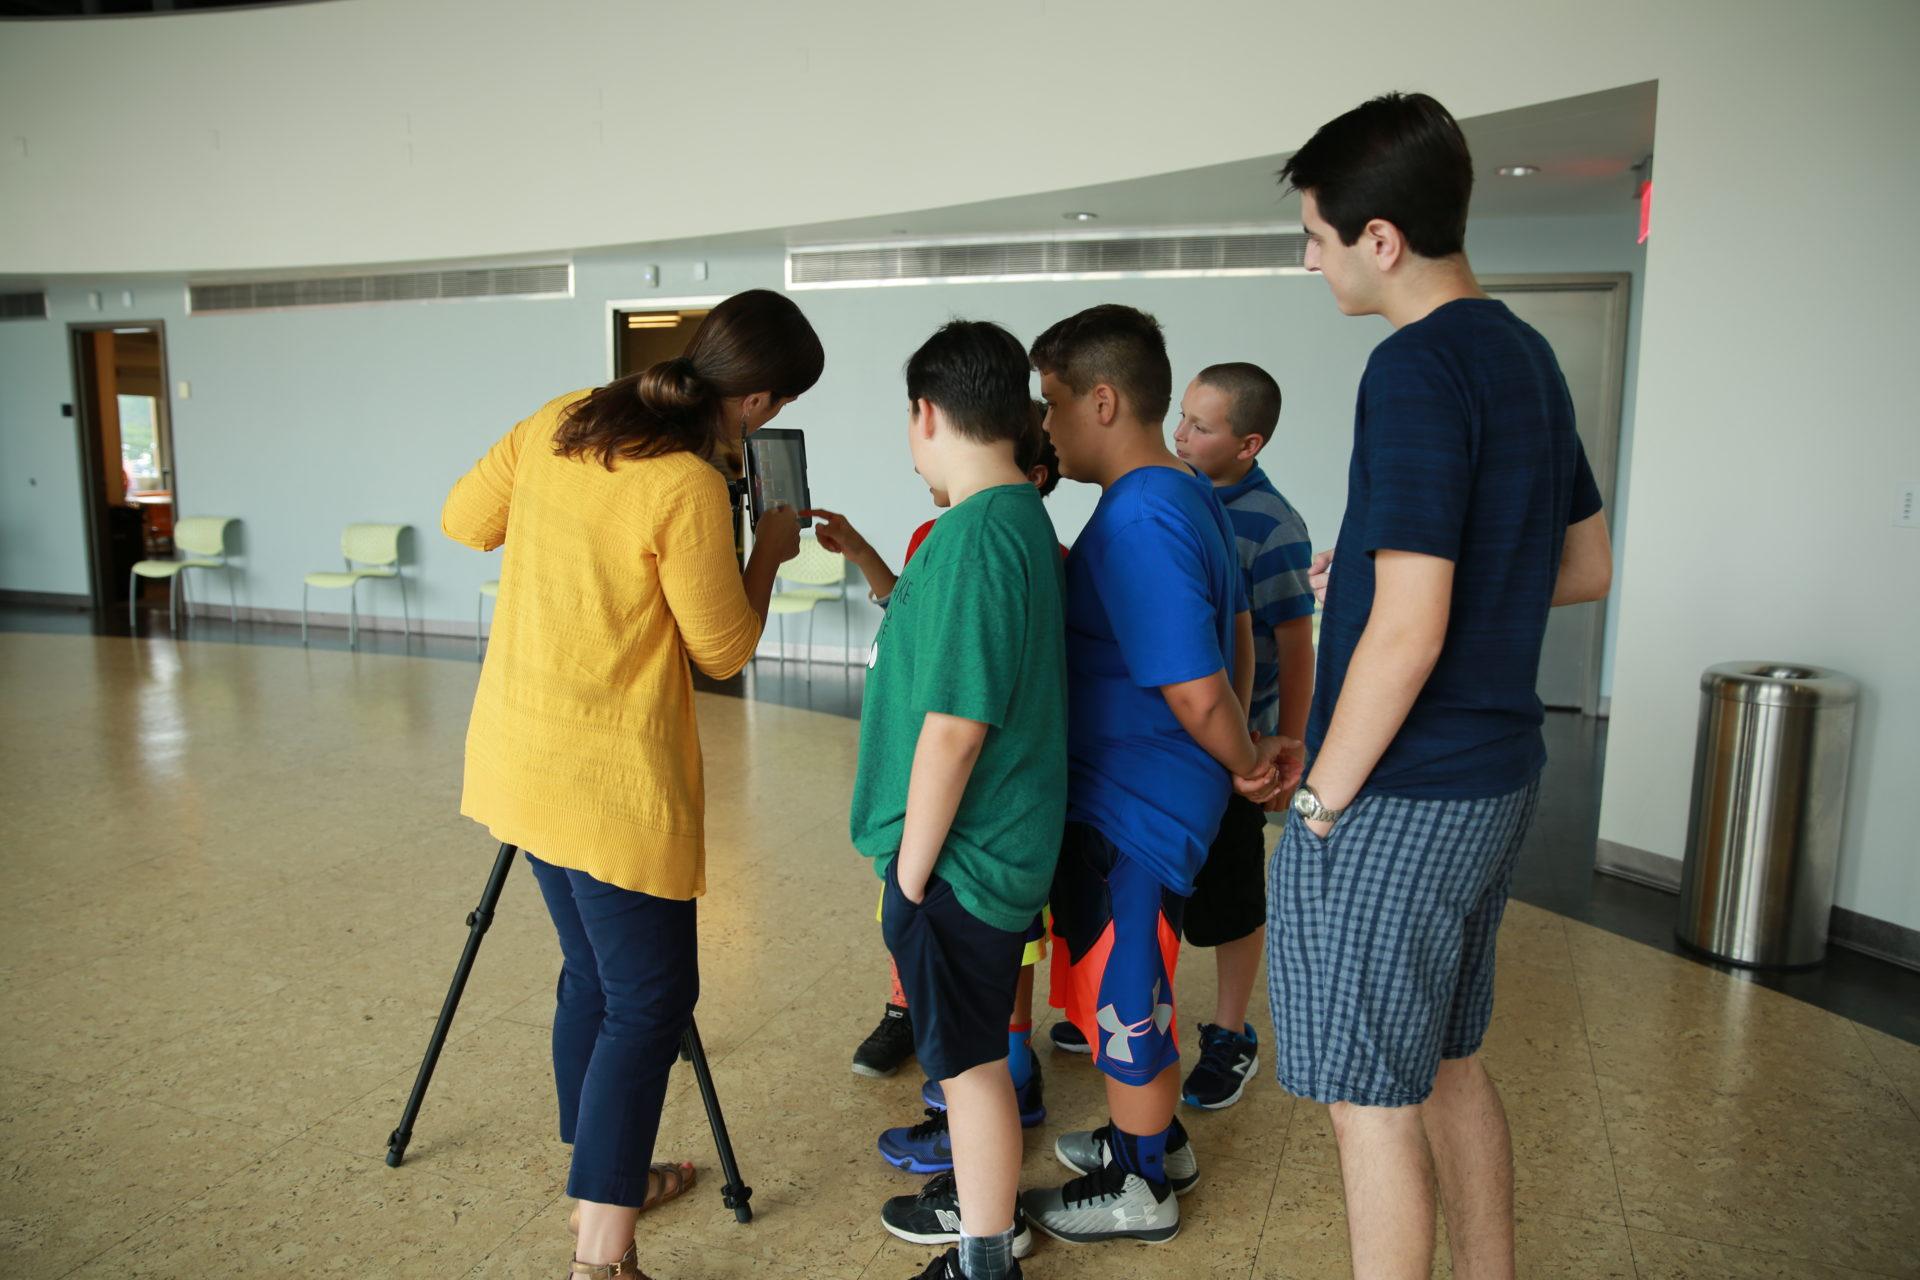 Experiments in Media Workshop, Grades 5-6